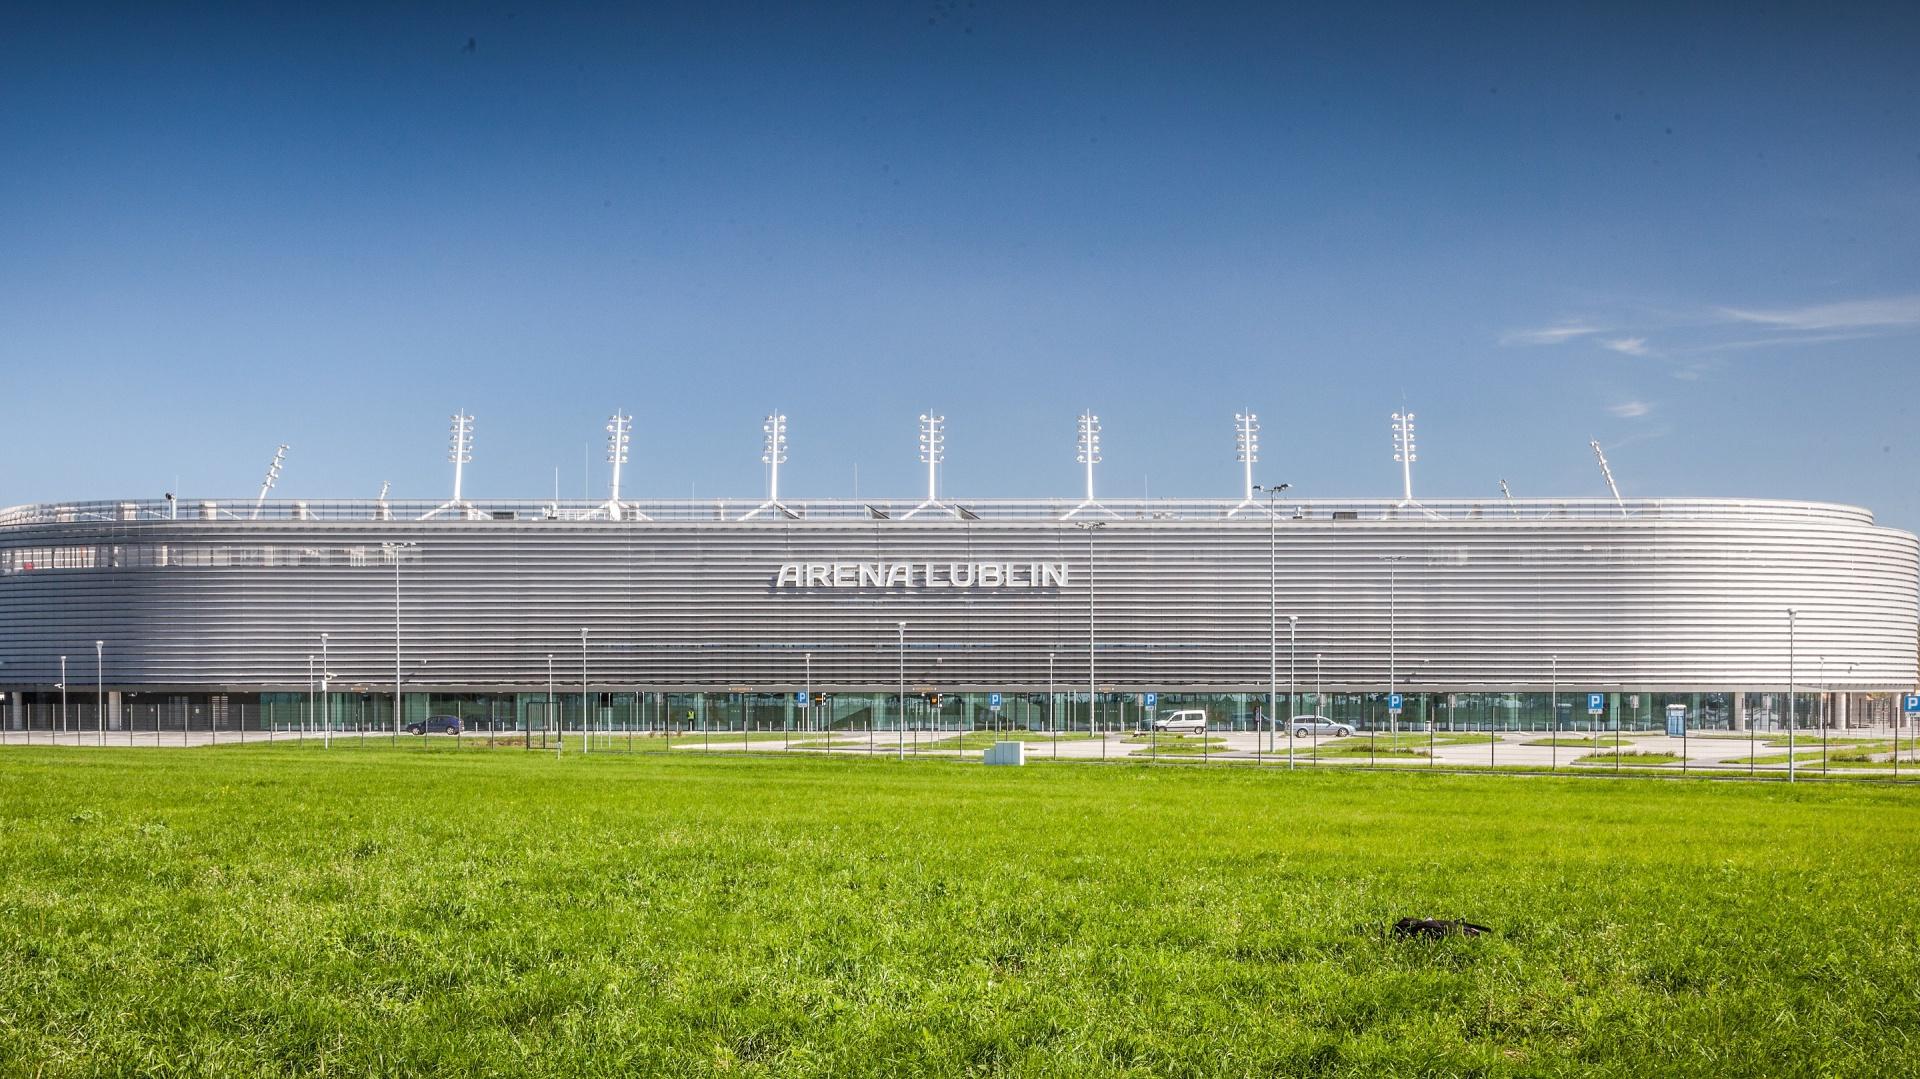 Stadion miejski Arena Lublin, na którym odbędzie się Studio Dobrych Rozwiązań. Zapraszamy 12 maja. Fot. Arena Lublin.